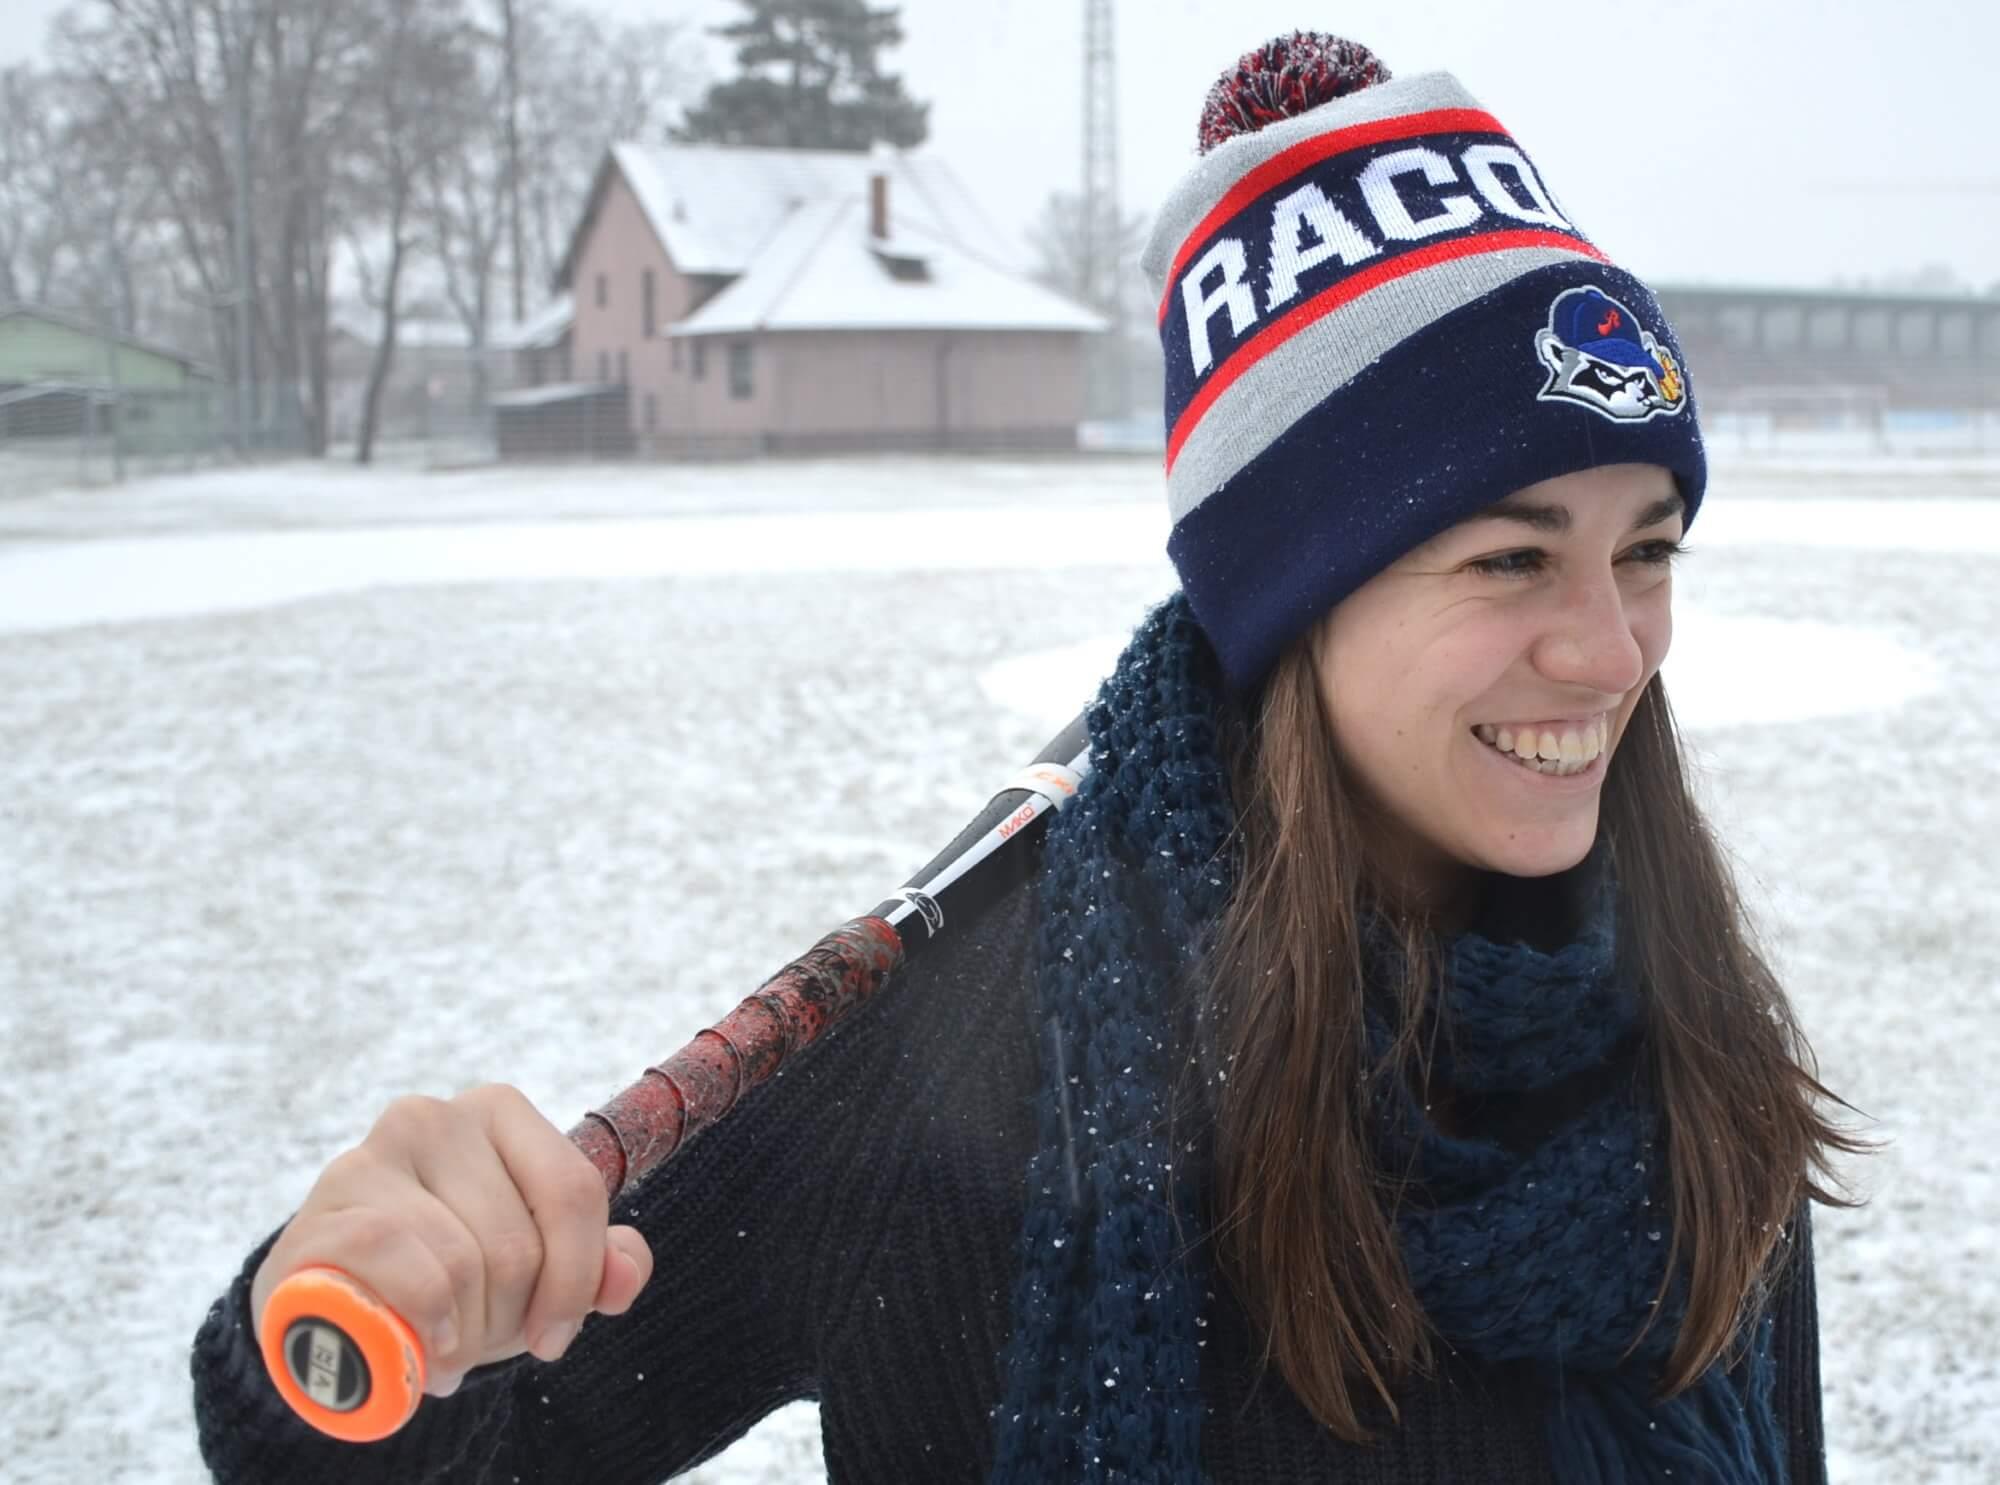 Softball in Österreich <br>Ein Satz warme Waschbär-Ohren